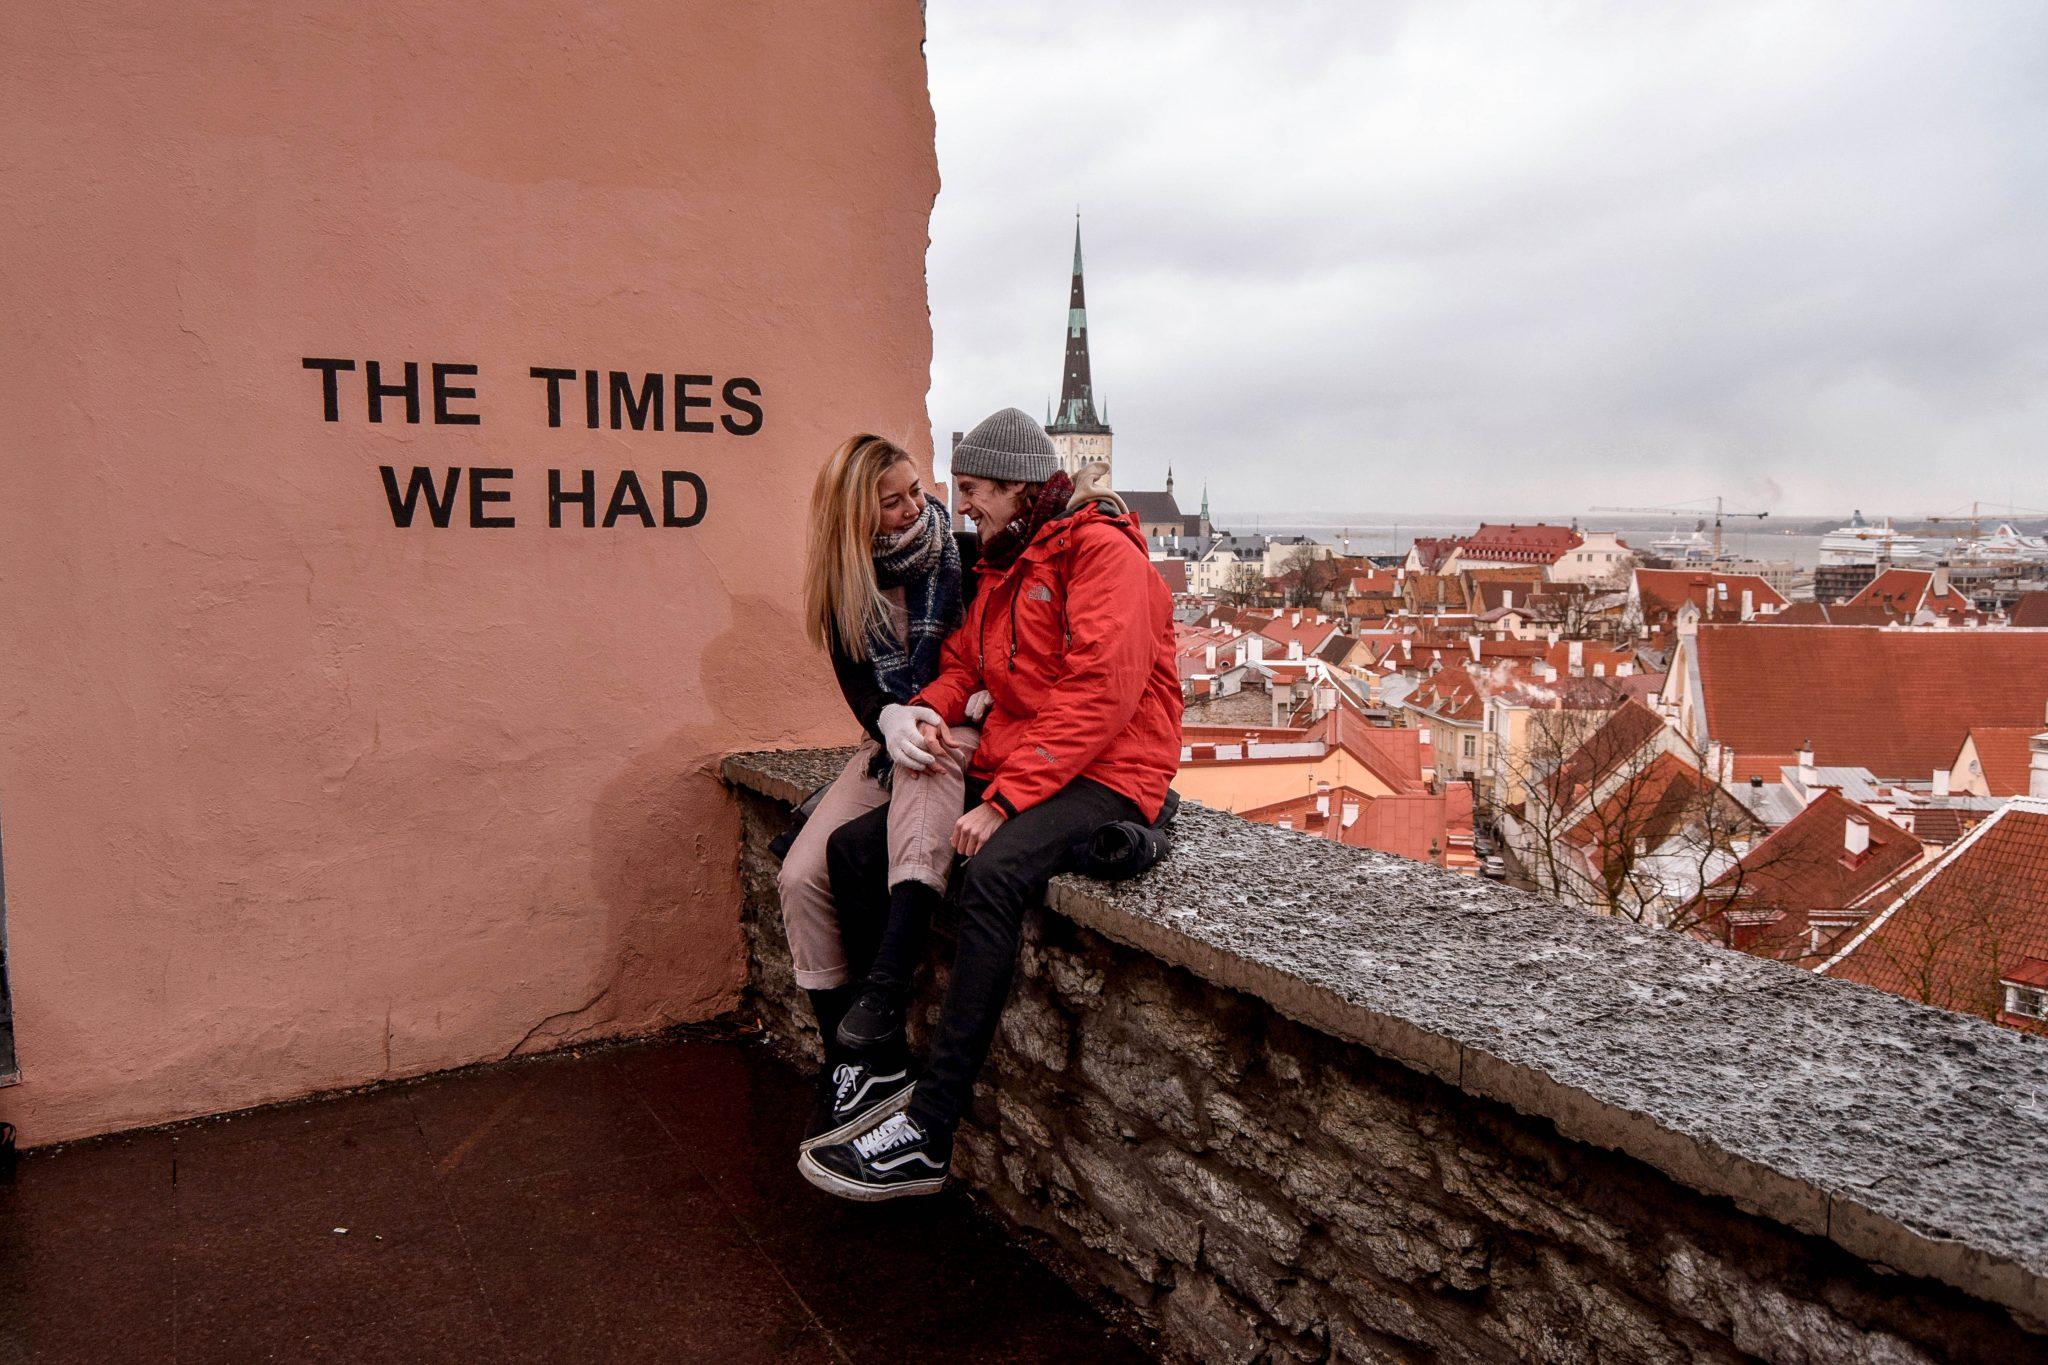 Tallinn Viewpoints In Tallinn - Kohtuotsa Viewing Platform Tallinn Estonia